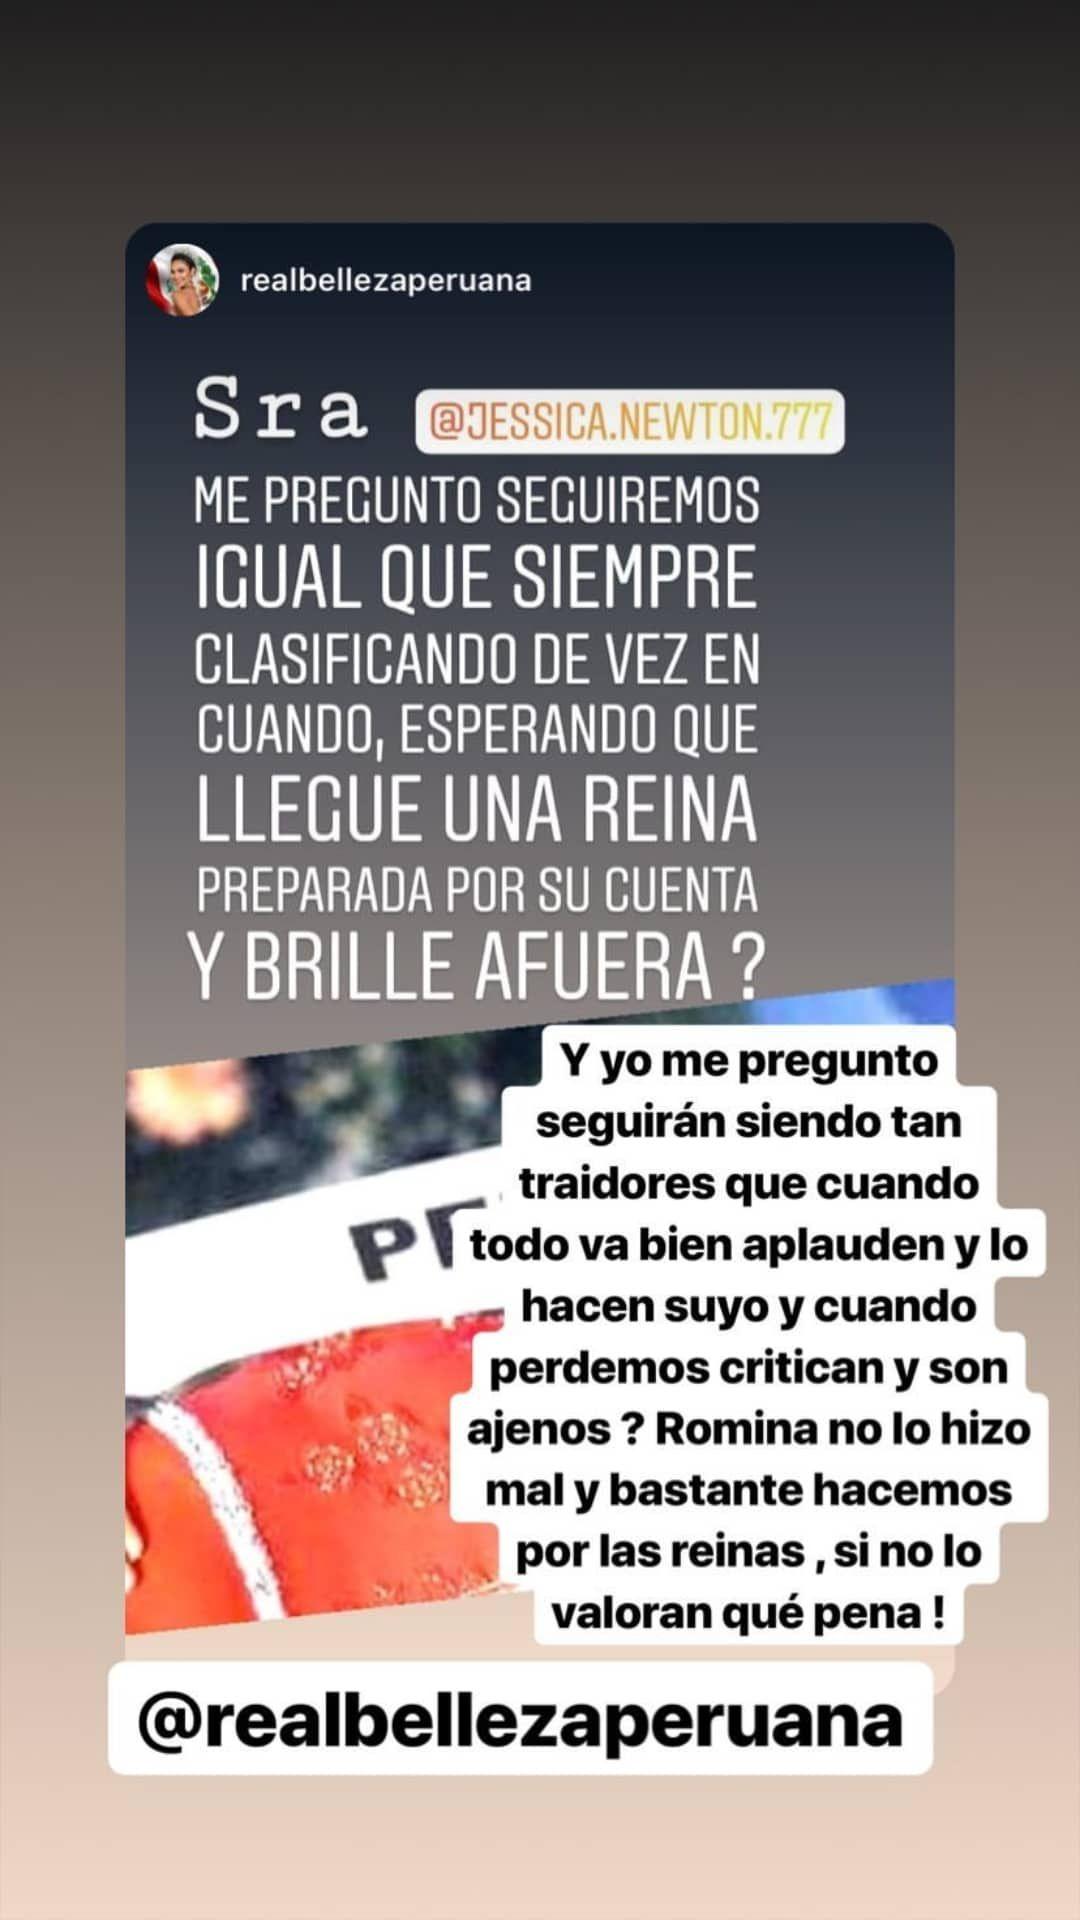 Jessica Newton le respondió a usuario que criticó participación de Romina Lozano en el Miss Universo 2018. (Foto: @jessica.newton.777)